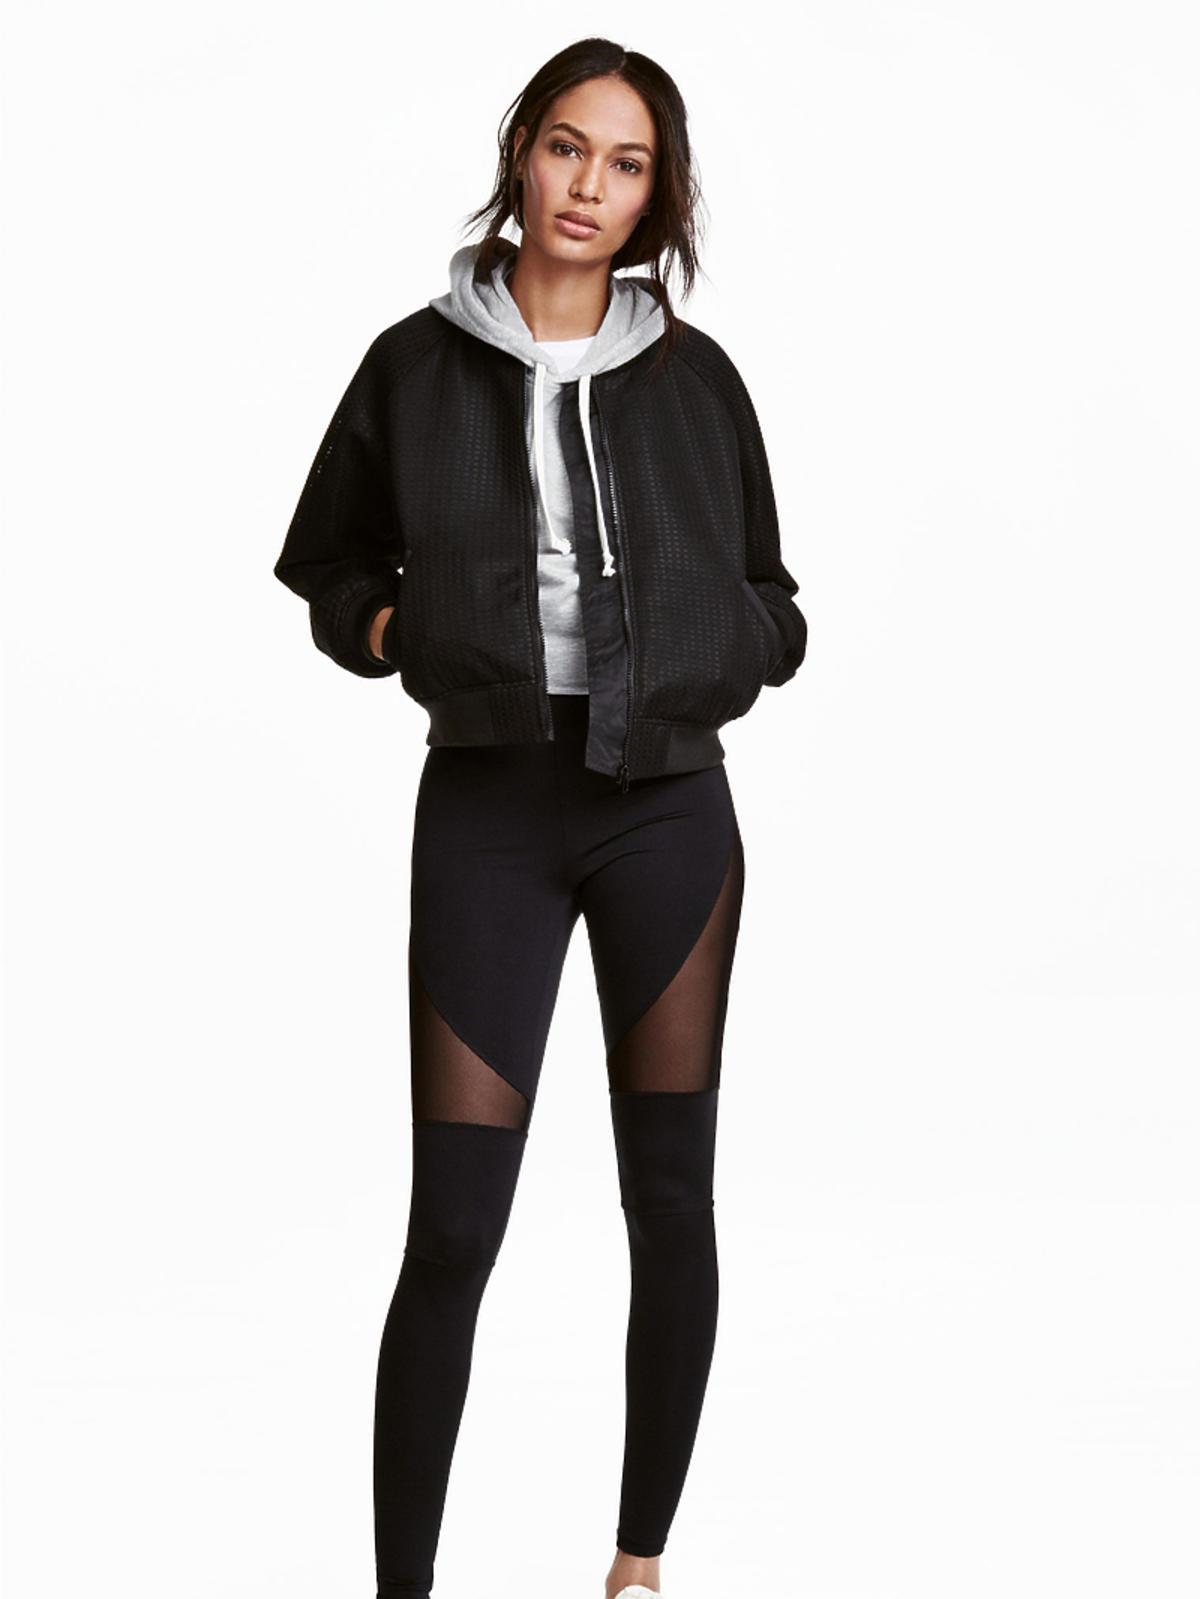 Dżersejowe legginsy H&M panelowe wiosna 2017